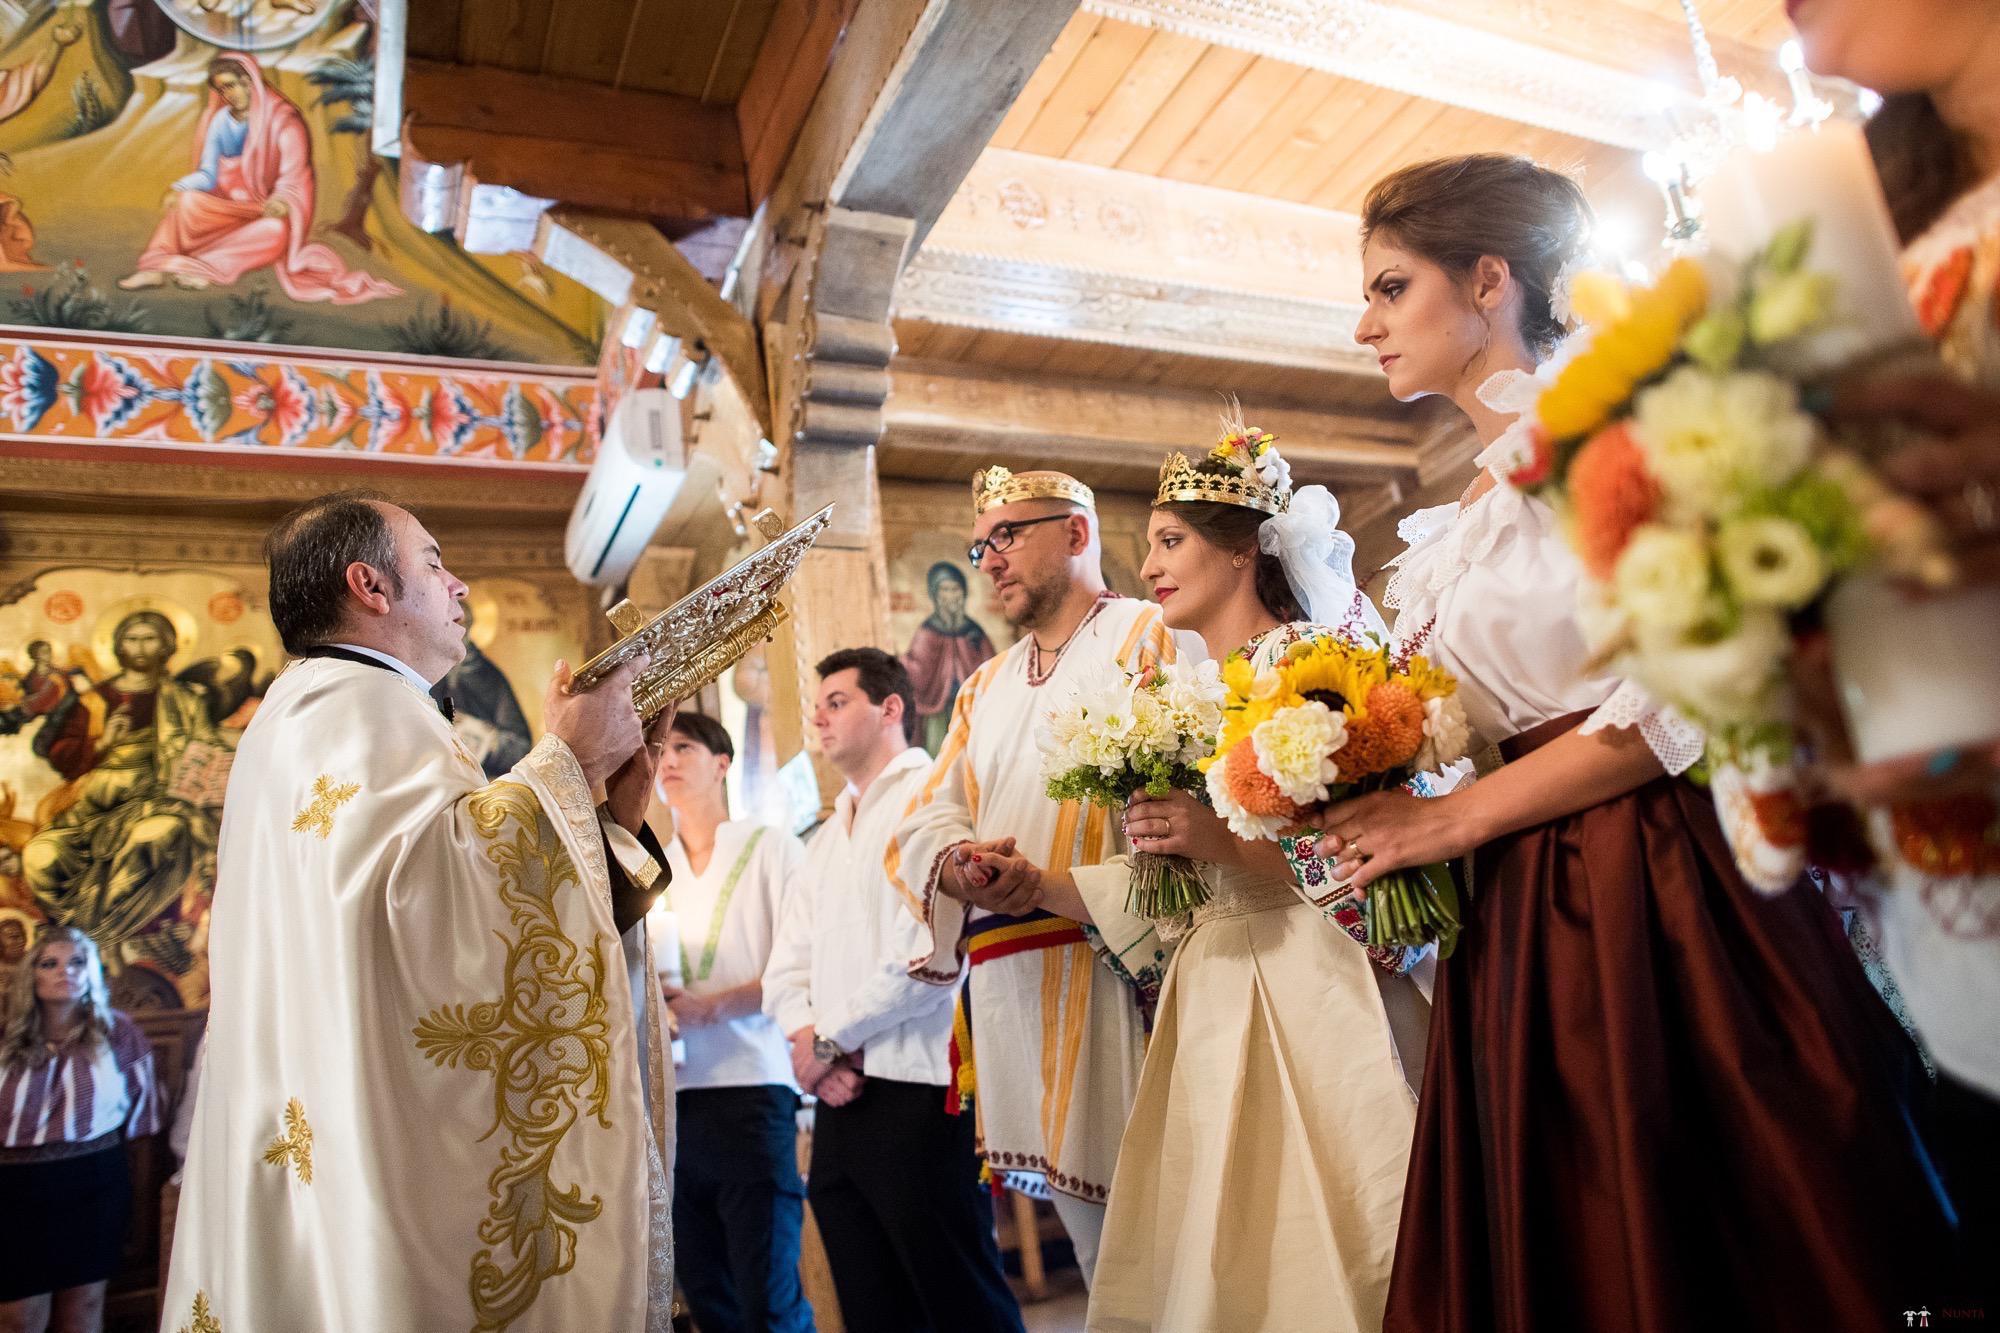 Povești Nunți Tradiționale - Ioana și Andrei. Nuntă tradițională în București. 24